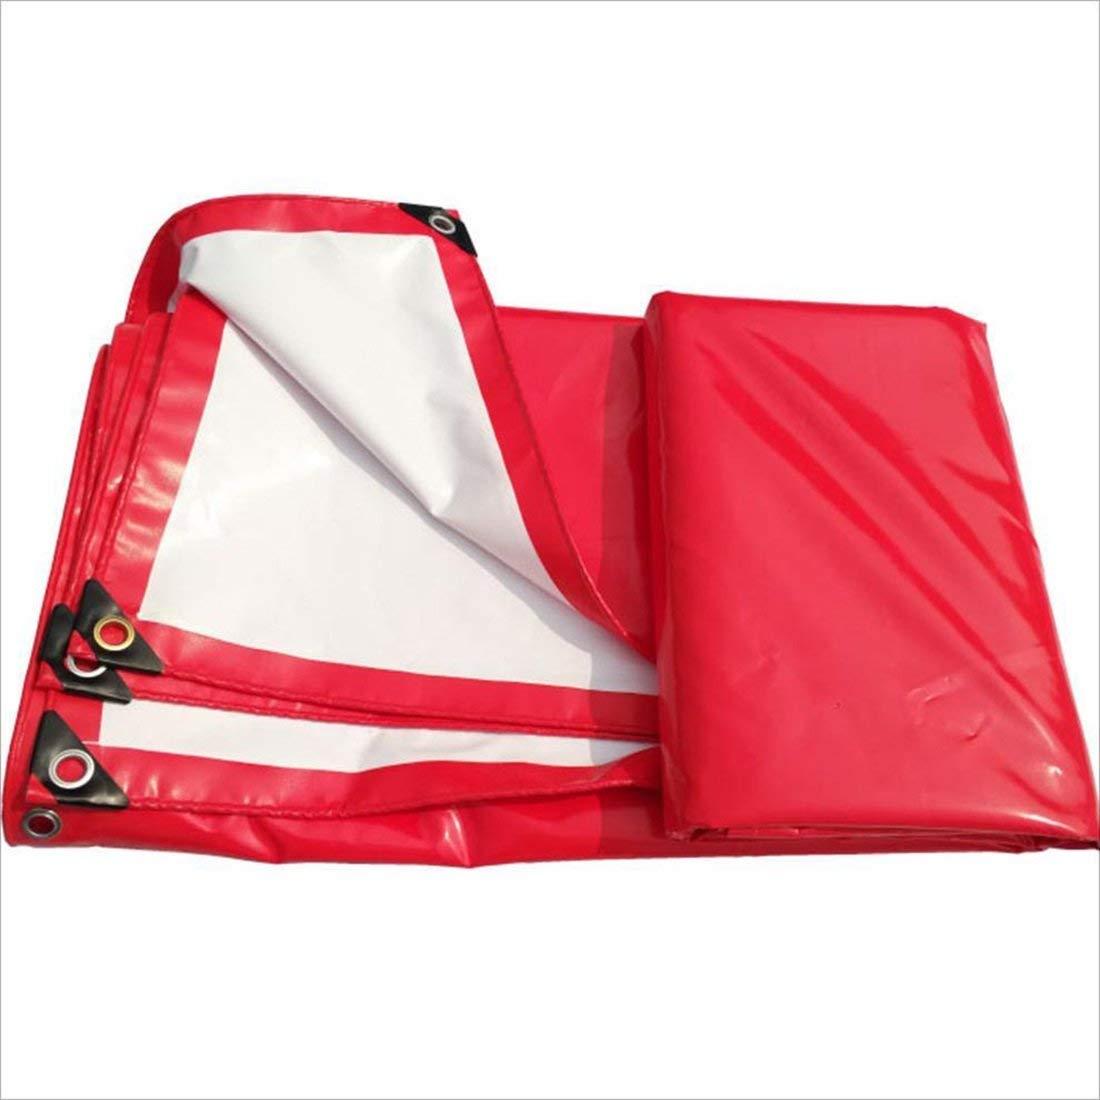 おすすめ レインクロス、防水、防塵 ×、耐摩耗、日焼け止め用防水シート、ラッピングホーン (Color : 赤, 赤 2m サイズ : 2m × 3m) 2m × 3m 赤 B07P8DG8QK, トップカメラ:60f7ba29 --- ciadaterra.com